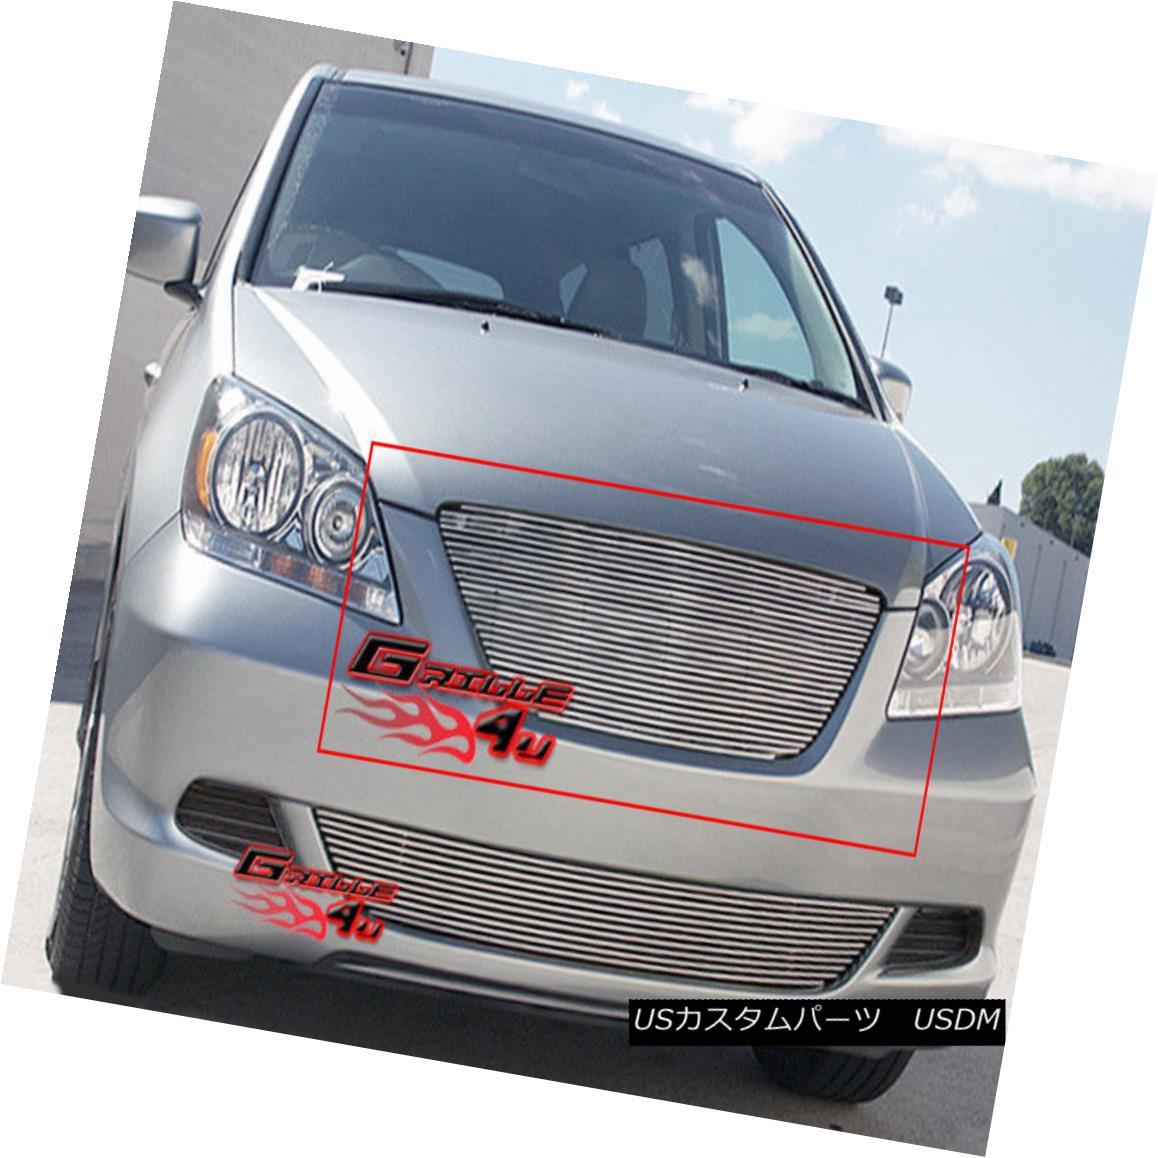 グリル Fits 2005-2007 Honda Odyssey Main Upper Billet Grille Insert Honda Odysseyメインアッパービレットグリルインサート